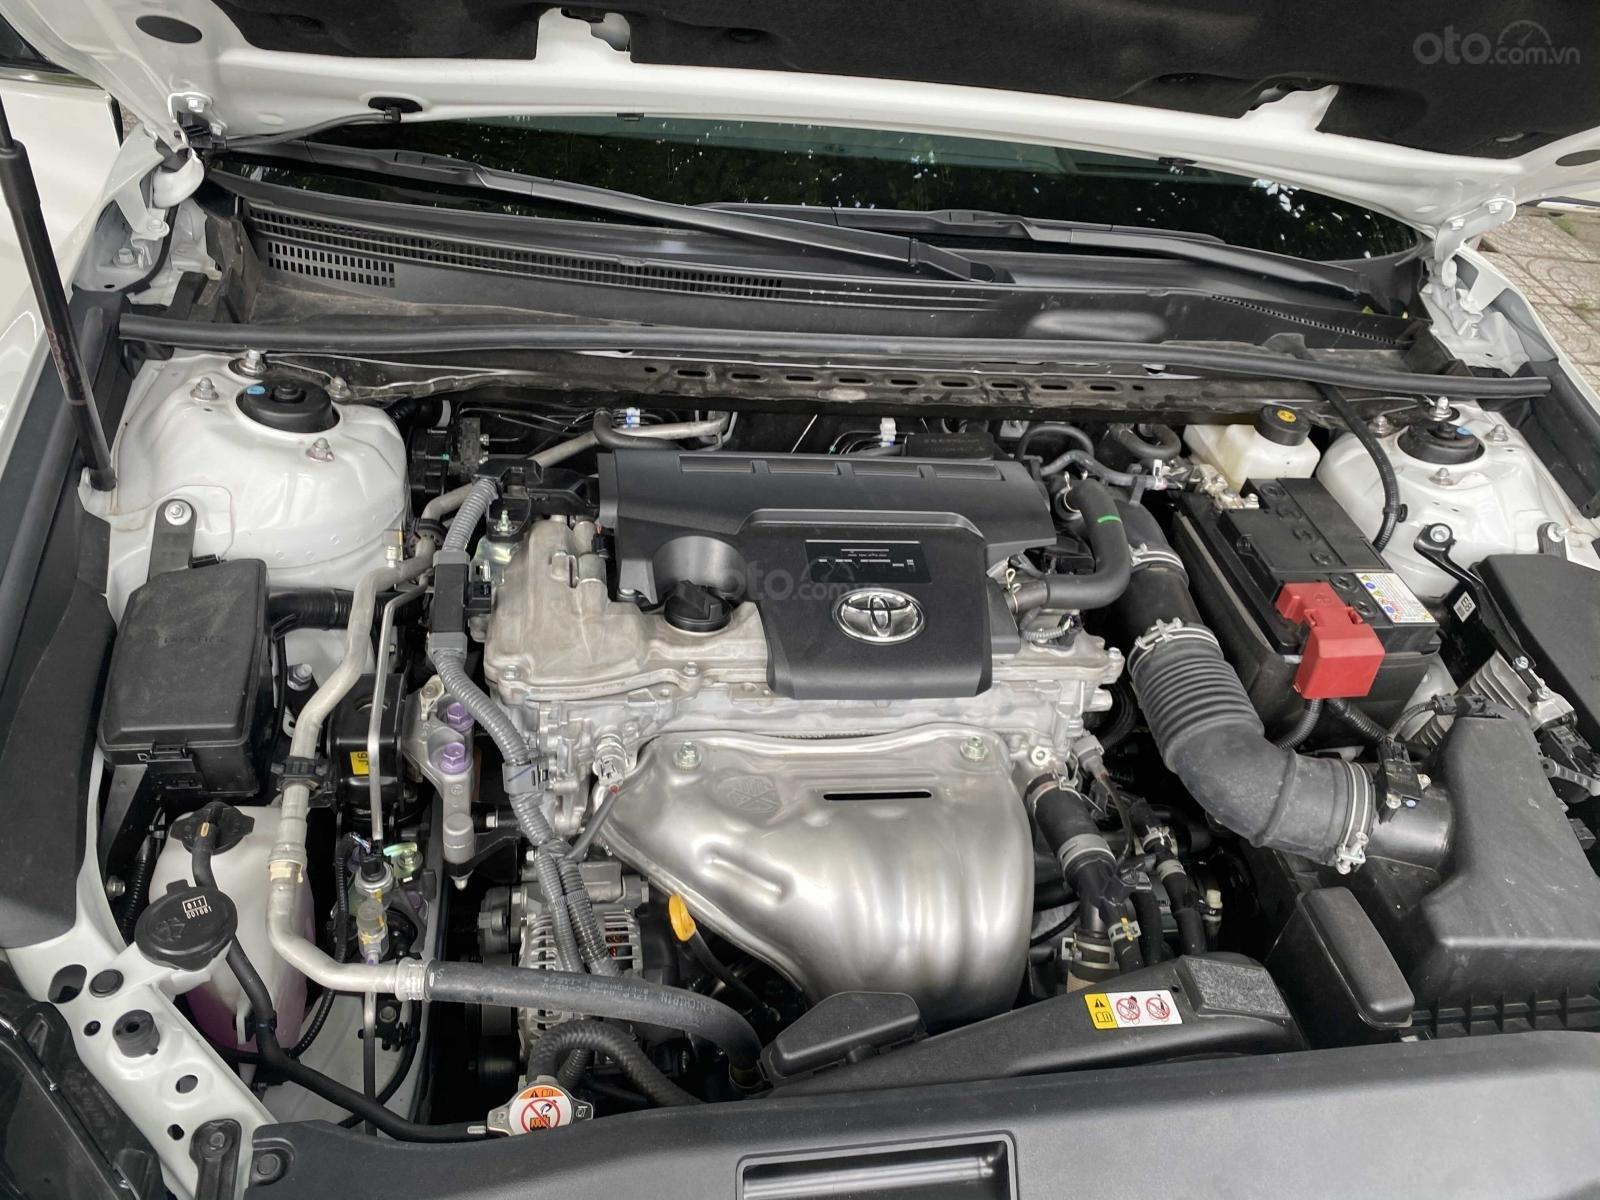 Bán ô tô Toyota Camry năm 2020, màu trắng, ít sử dụng, giá 1 tỷ 290 triệu đồng (14)